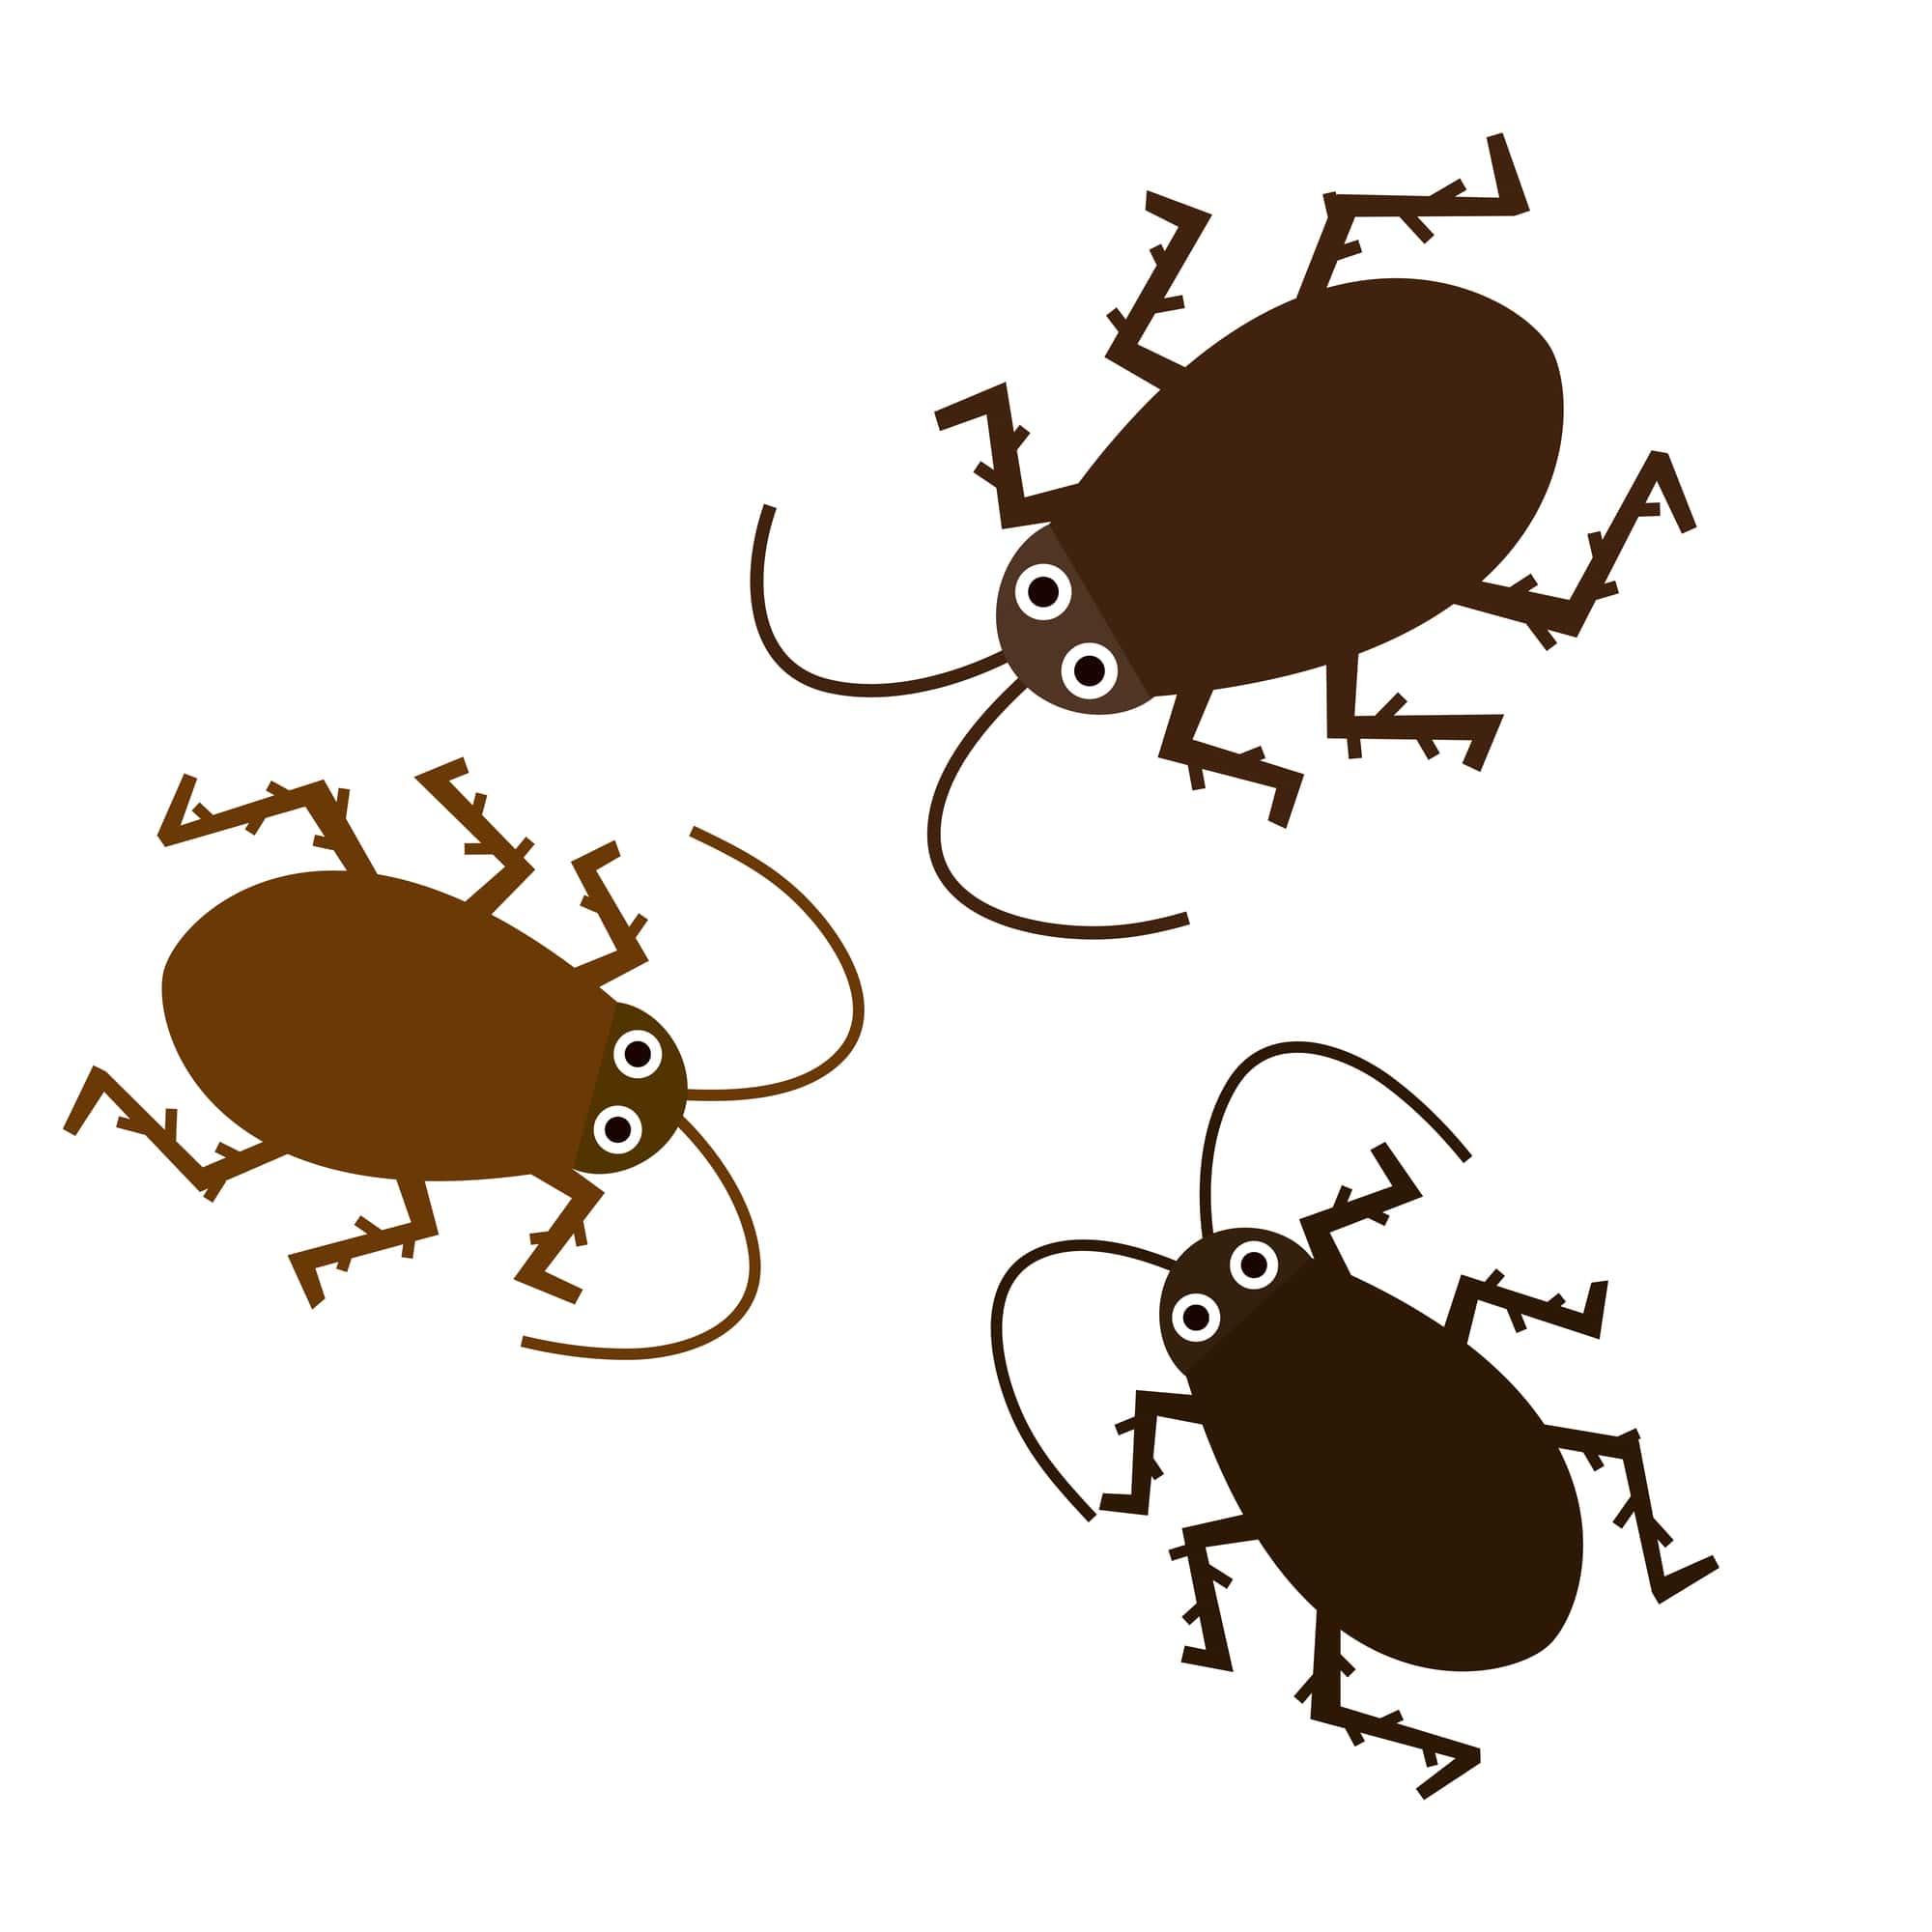 虫が大量発生しているゴミ屋敷はどう片付けるべき?